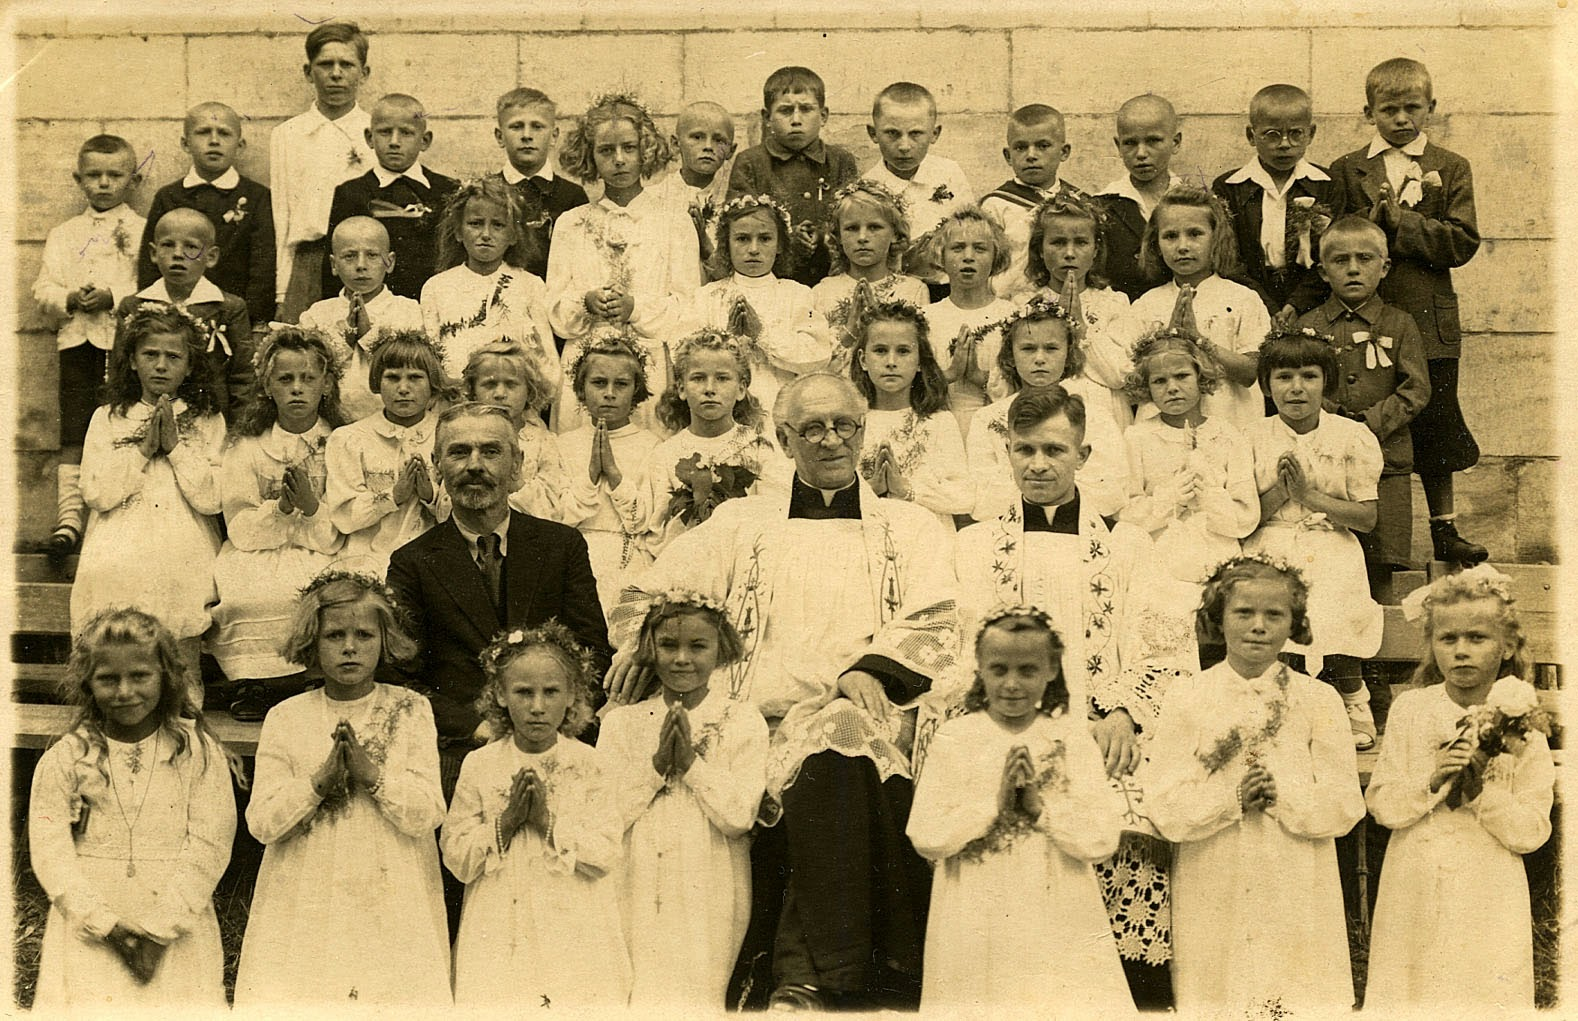 Uroczystości I Komunii Św. - Końskie, dziatwa szkolna z Rogowa, ks. Antoni Ręczajski, ks. Józef Granat (w Rogowie udzielał nauki religii od grudnia 1941 r.). Foto. odszukał i udostępnił Marek Kozerawski.